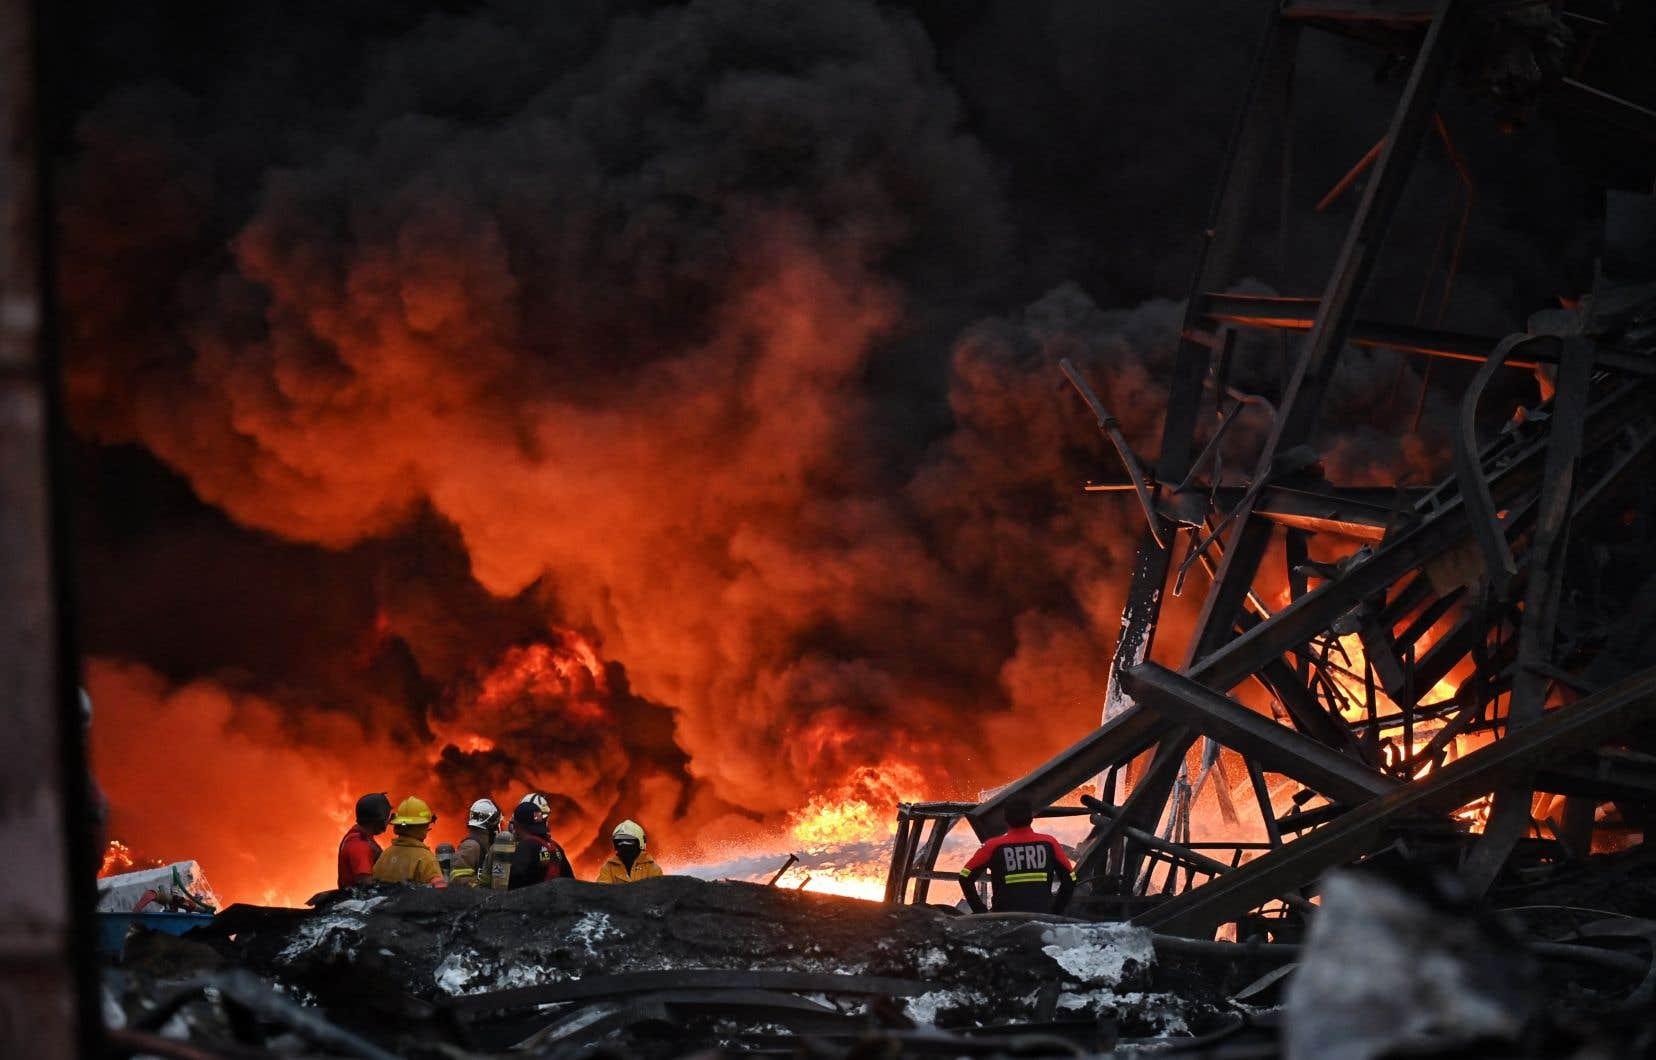 Environ 15heures après l'explosion, l'incendie faisait toujours rage et envoyait des nuages de fumée dans le ciel.